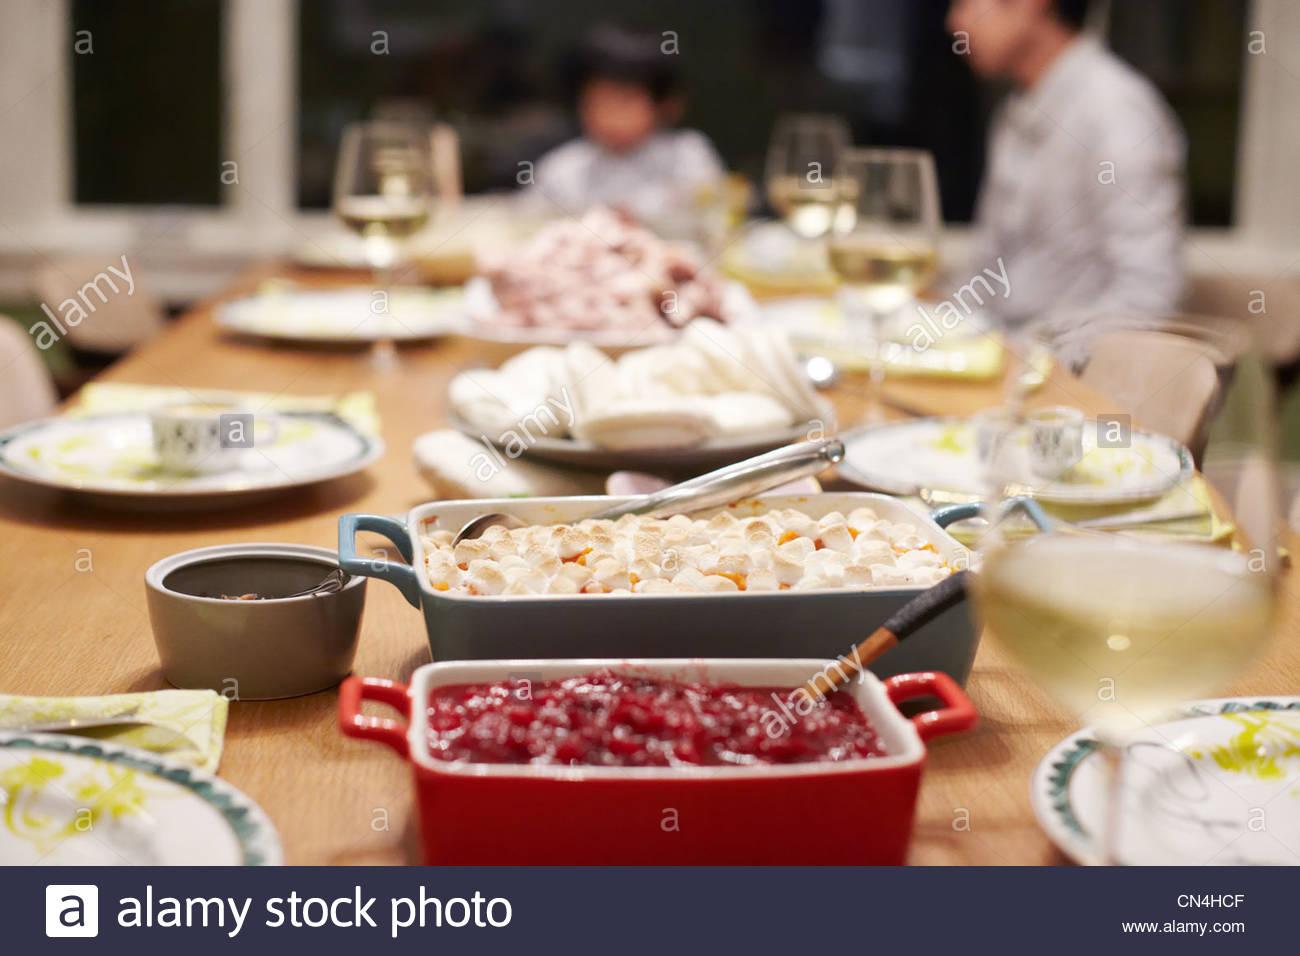 Comida en la mesa en la cena de acción de gracias de la familia Imagen De Stock